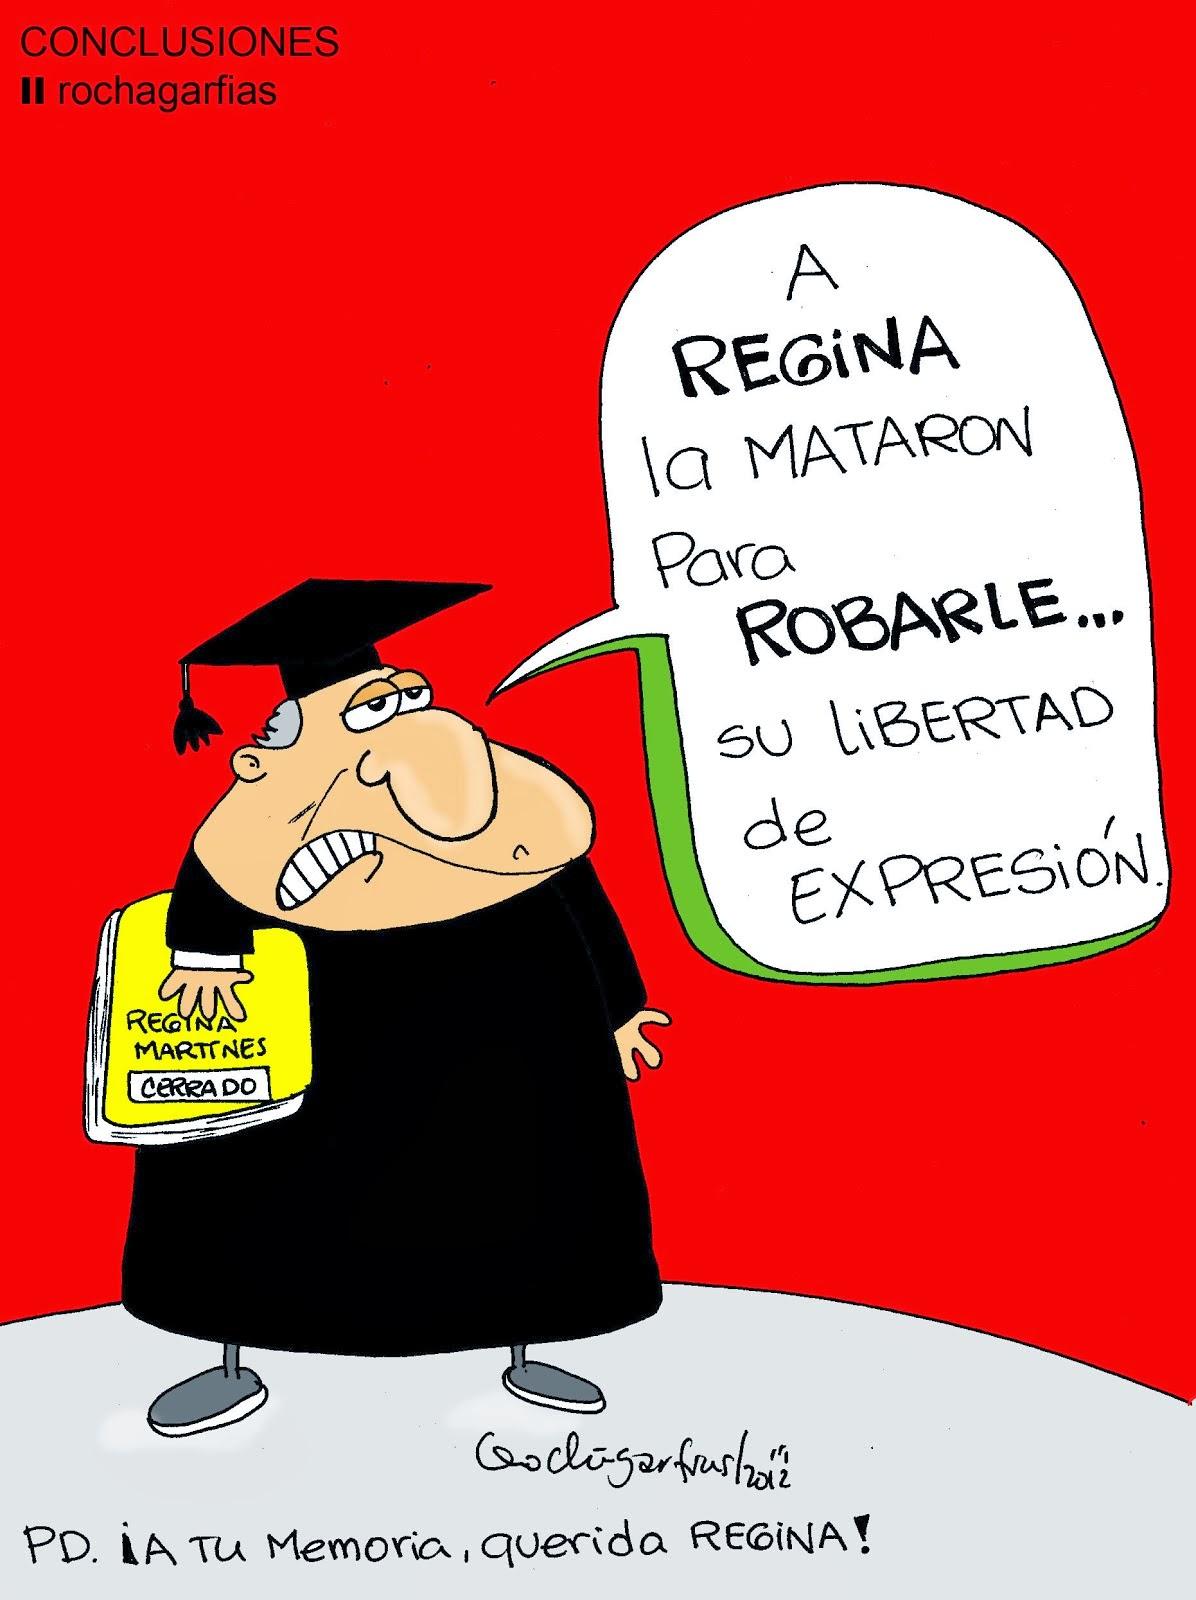 A Regina (Martínez) la mataron para ROBARLE...su LIBERTAD DE EXPRESIÓN.